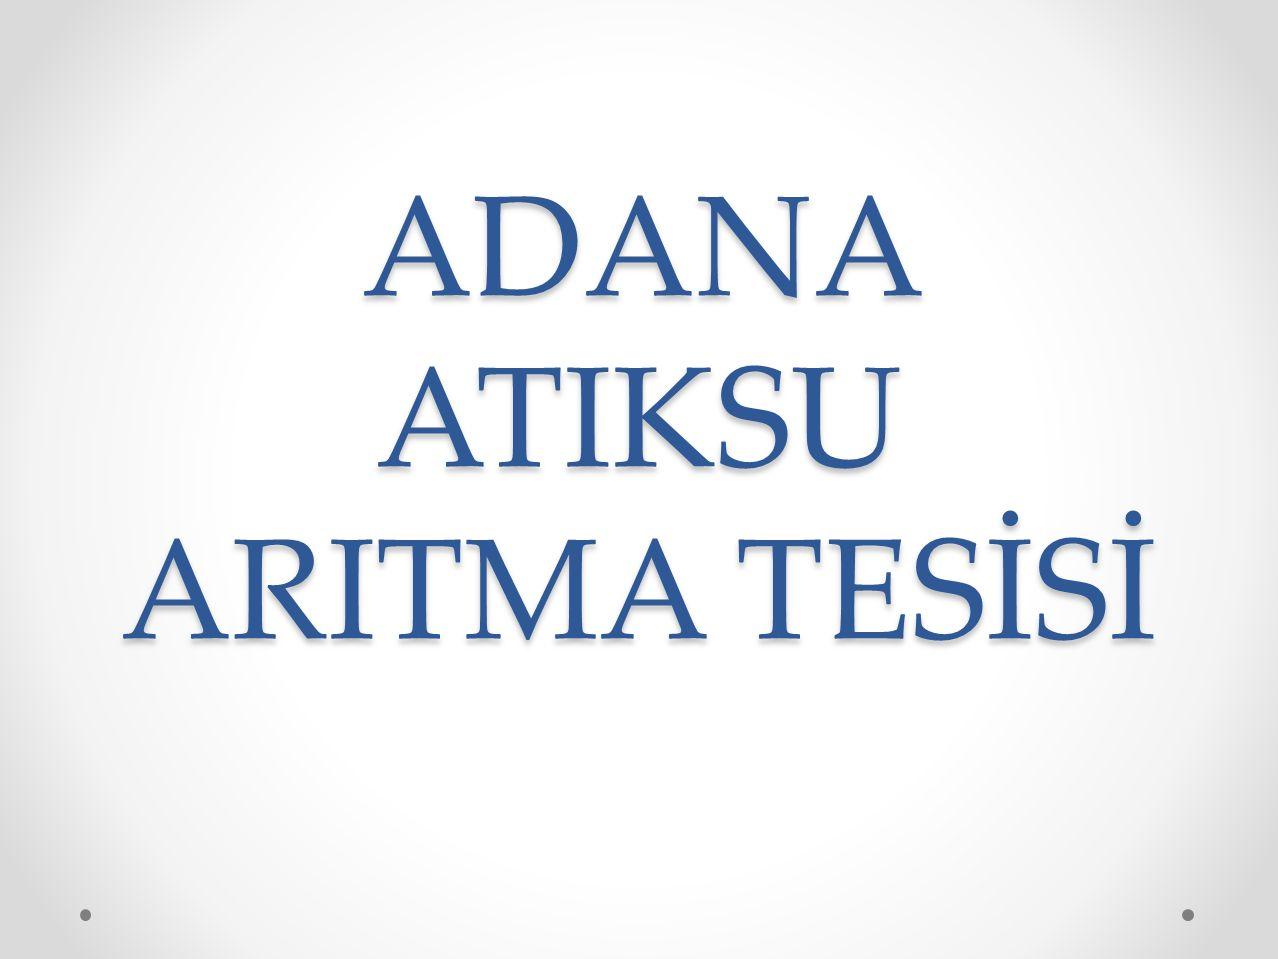 ADANA ATIKSU ARITMA TESİSİ